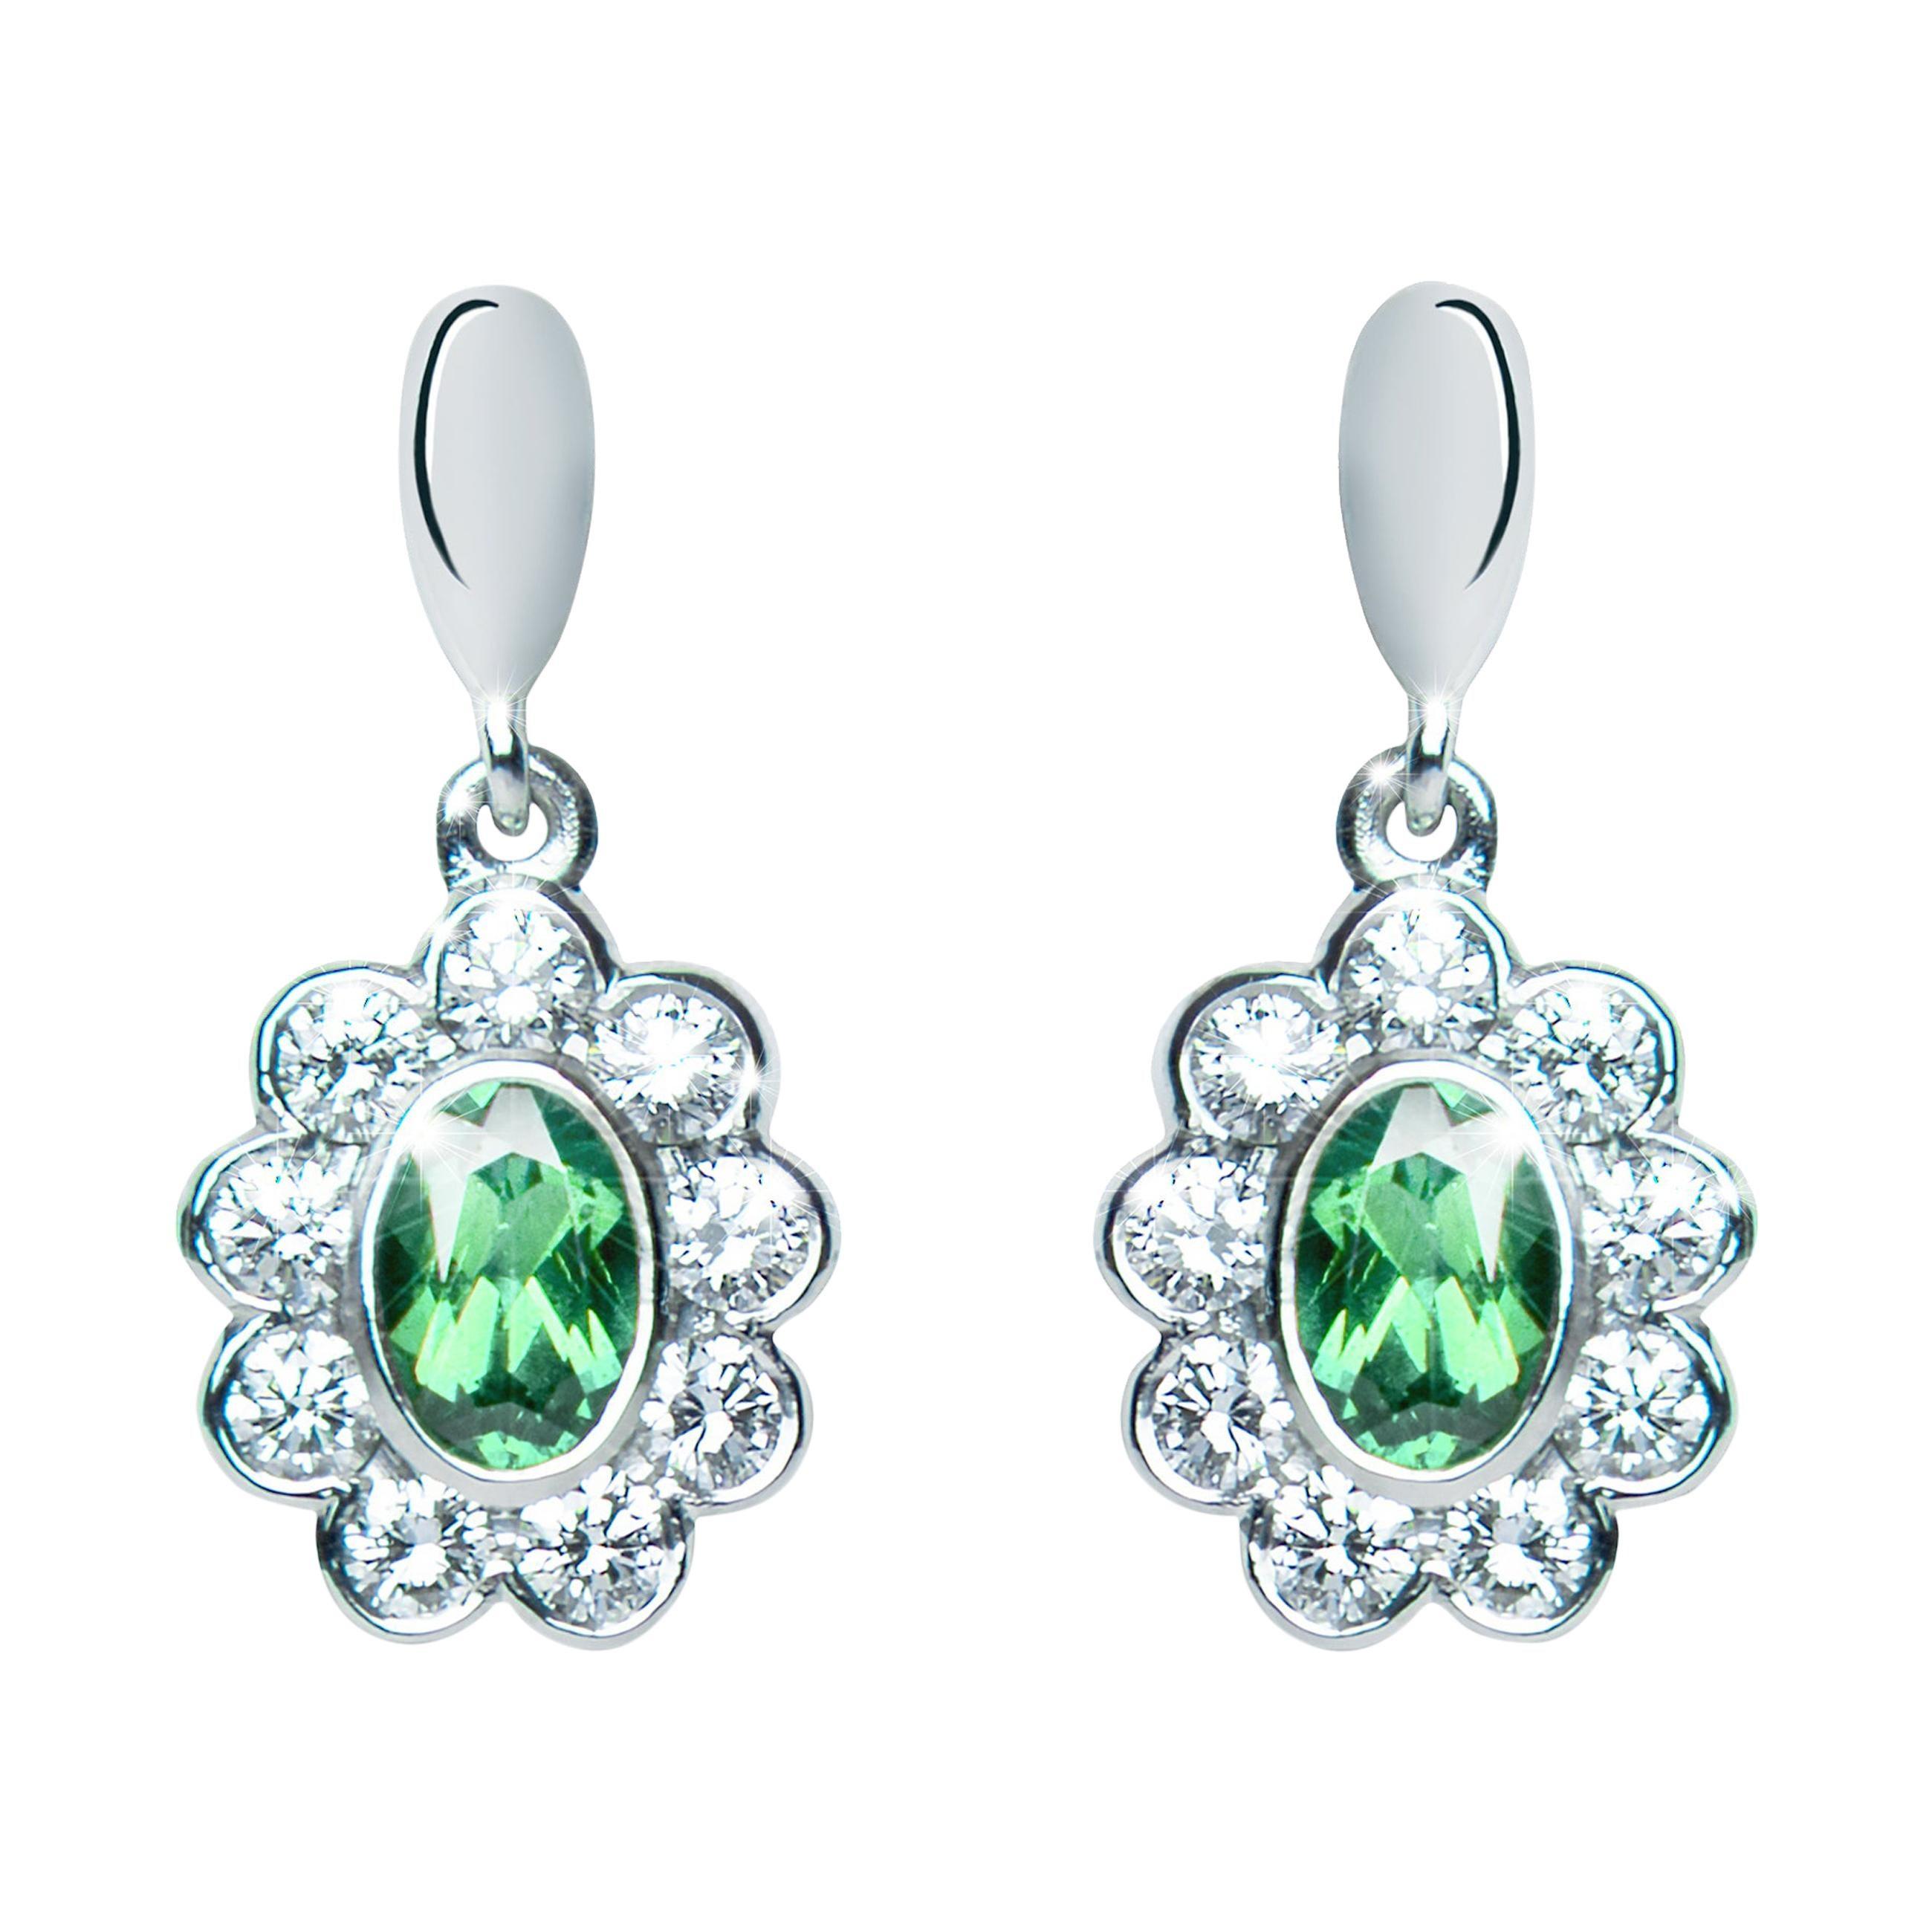 0.96 Carat Tourmaline Green Oval Diamond Flower Drop Earrings Natalie Barney